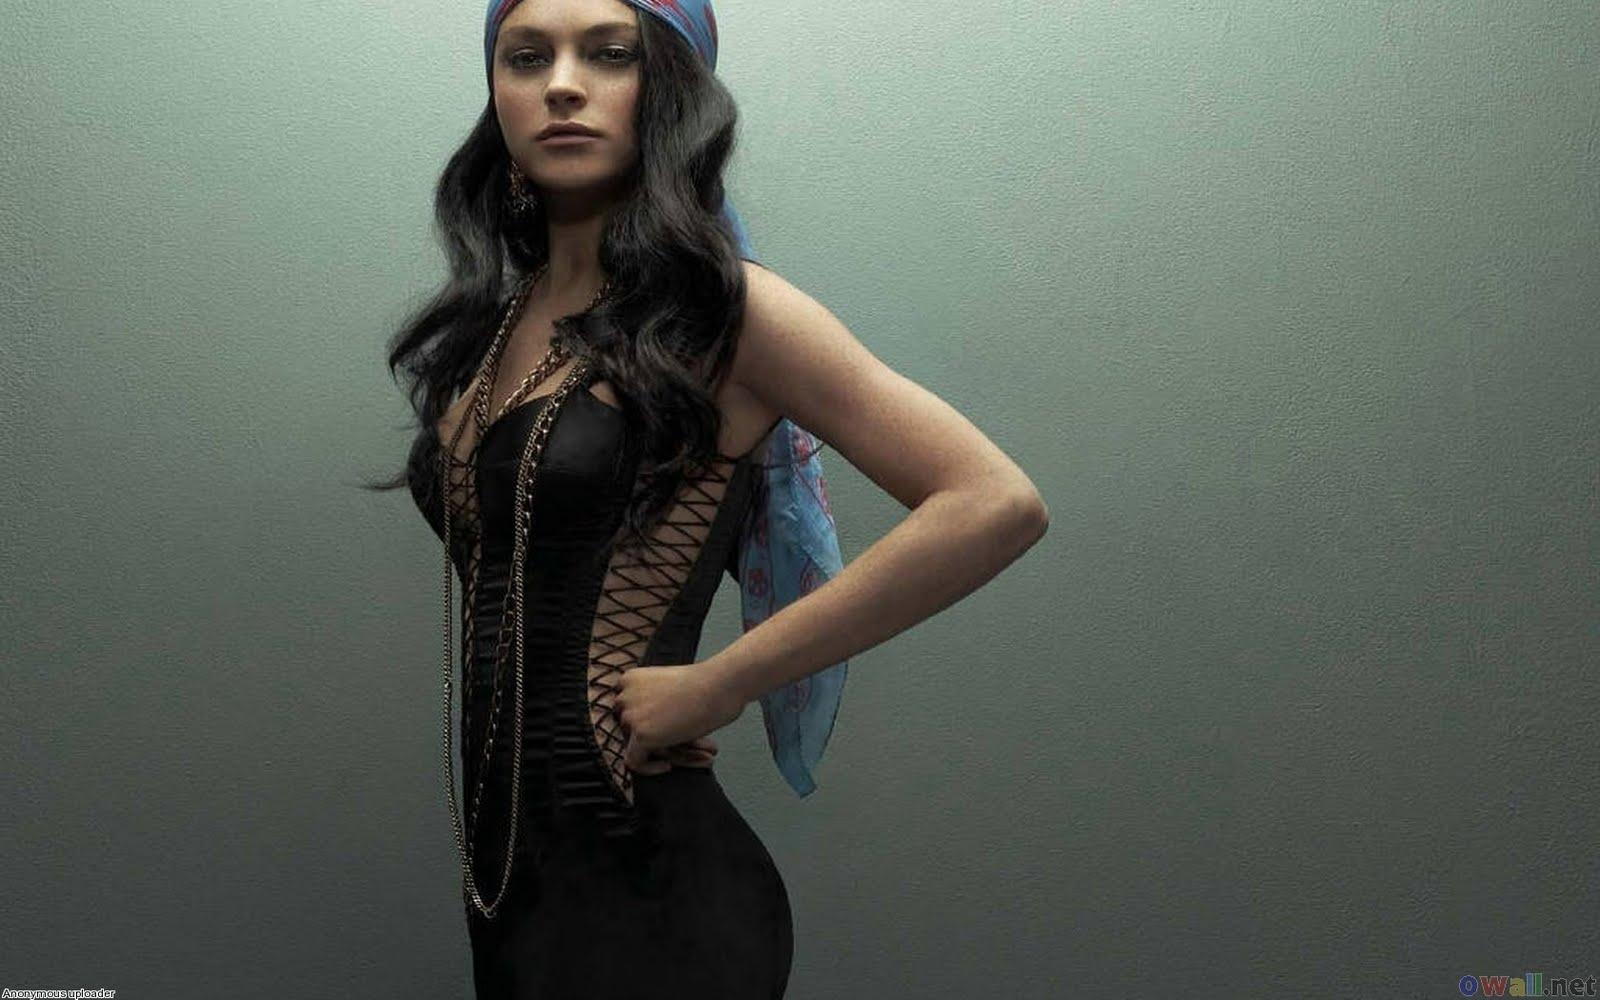 http://1.bp.blogspot.com/-fc6Dmx0yi70/TkEiMKQyVZI/AAAAAAAAIDY/XjHDoray8Vw/s1600/lindsay_lohan_sexy_gypsy_look_1680x1050.jpg